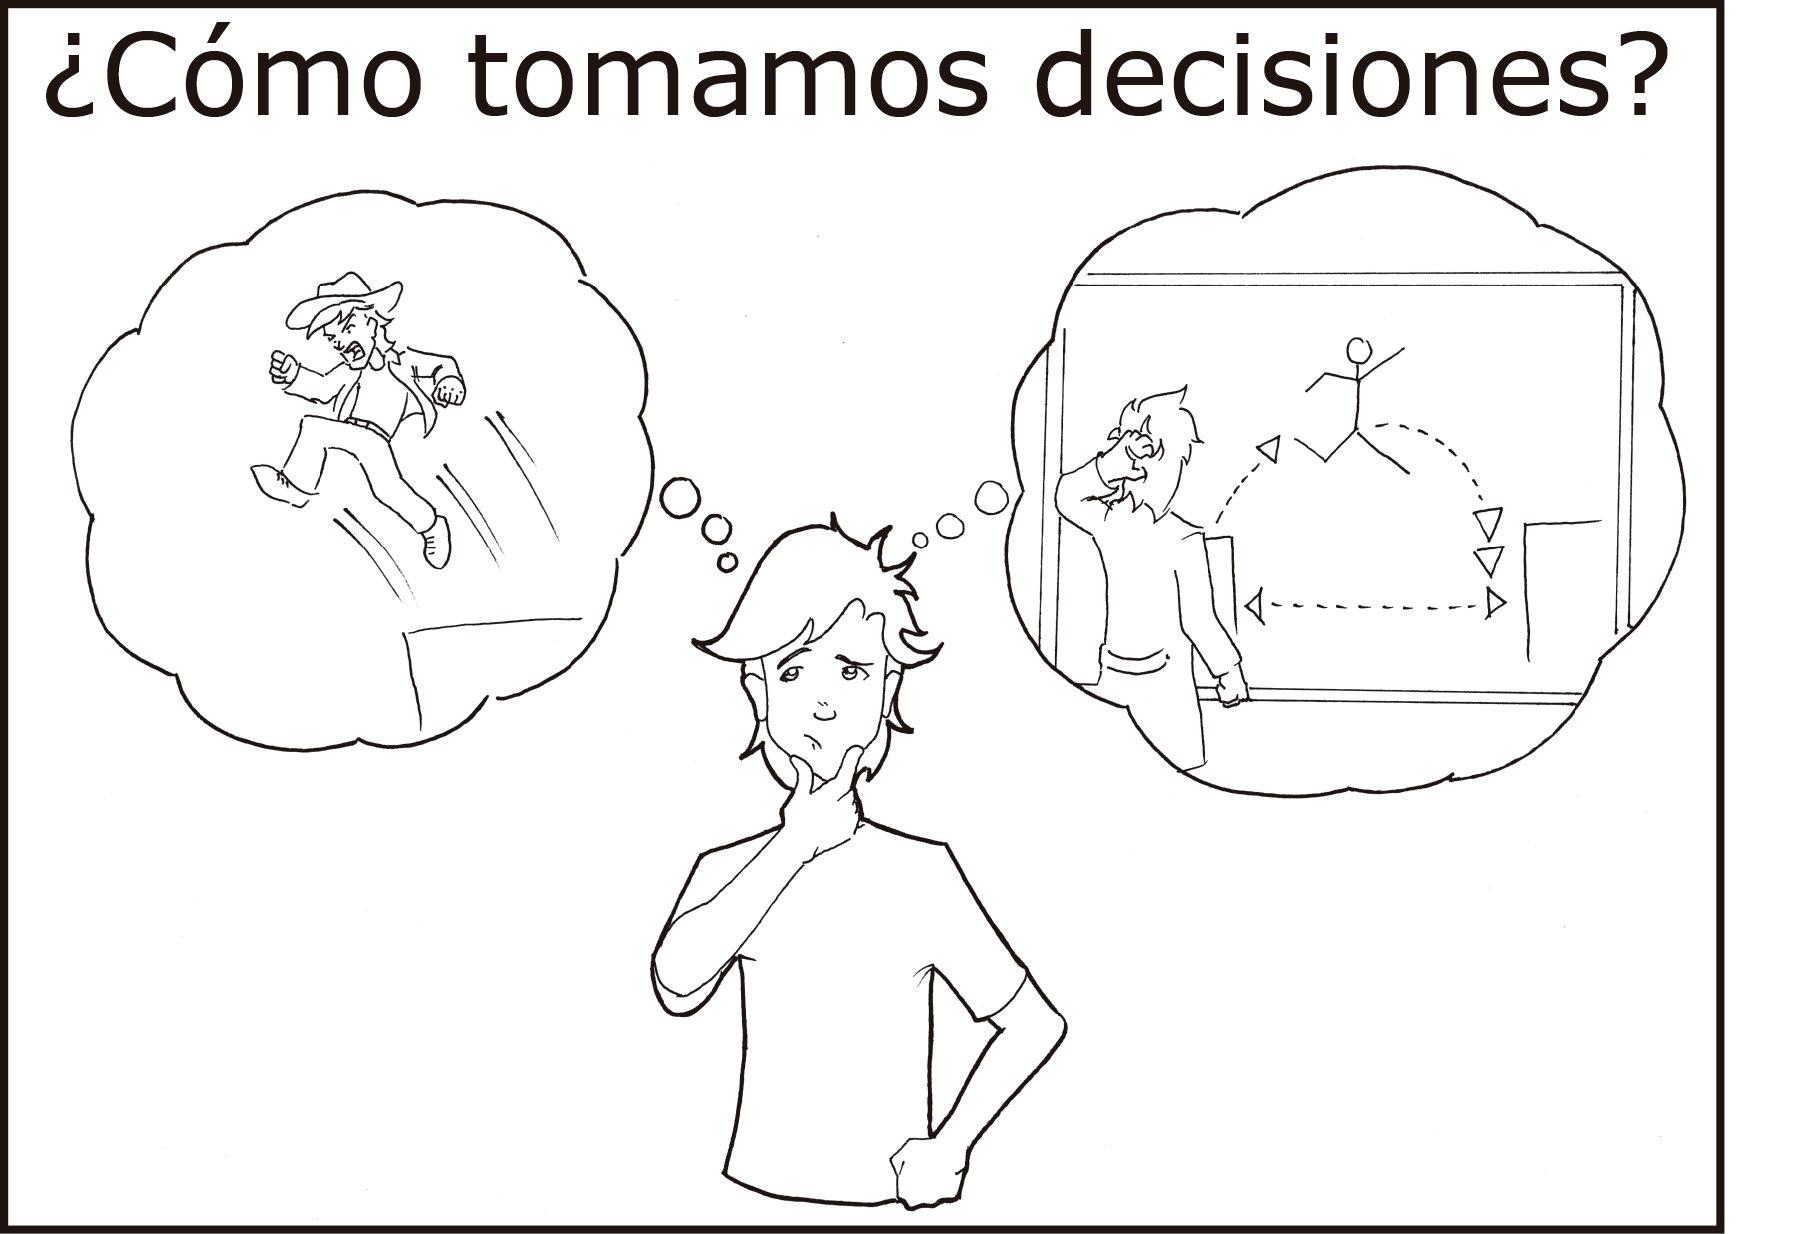 Título: Pensar rápido, pensar despacio (Thinking, Fast and Slow)